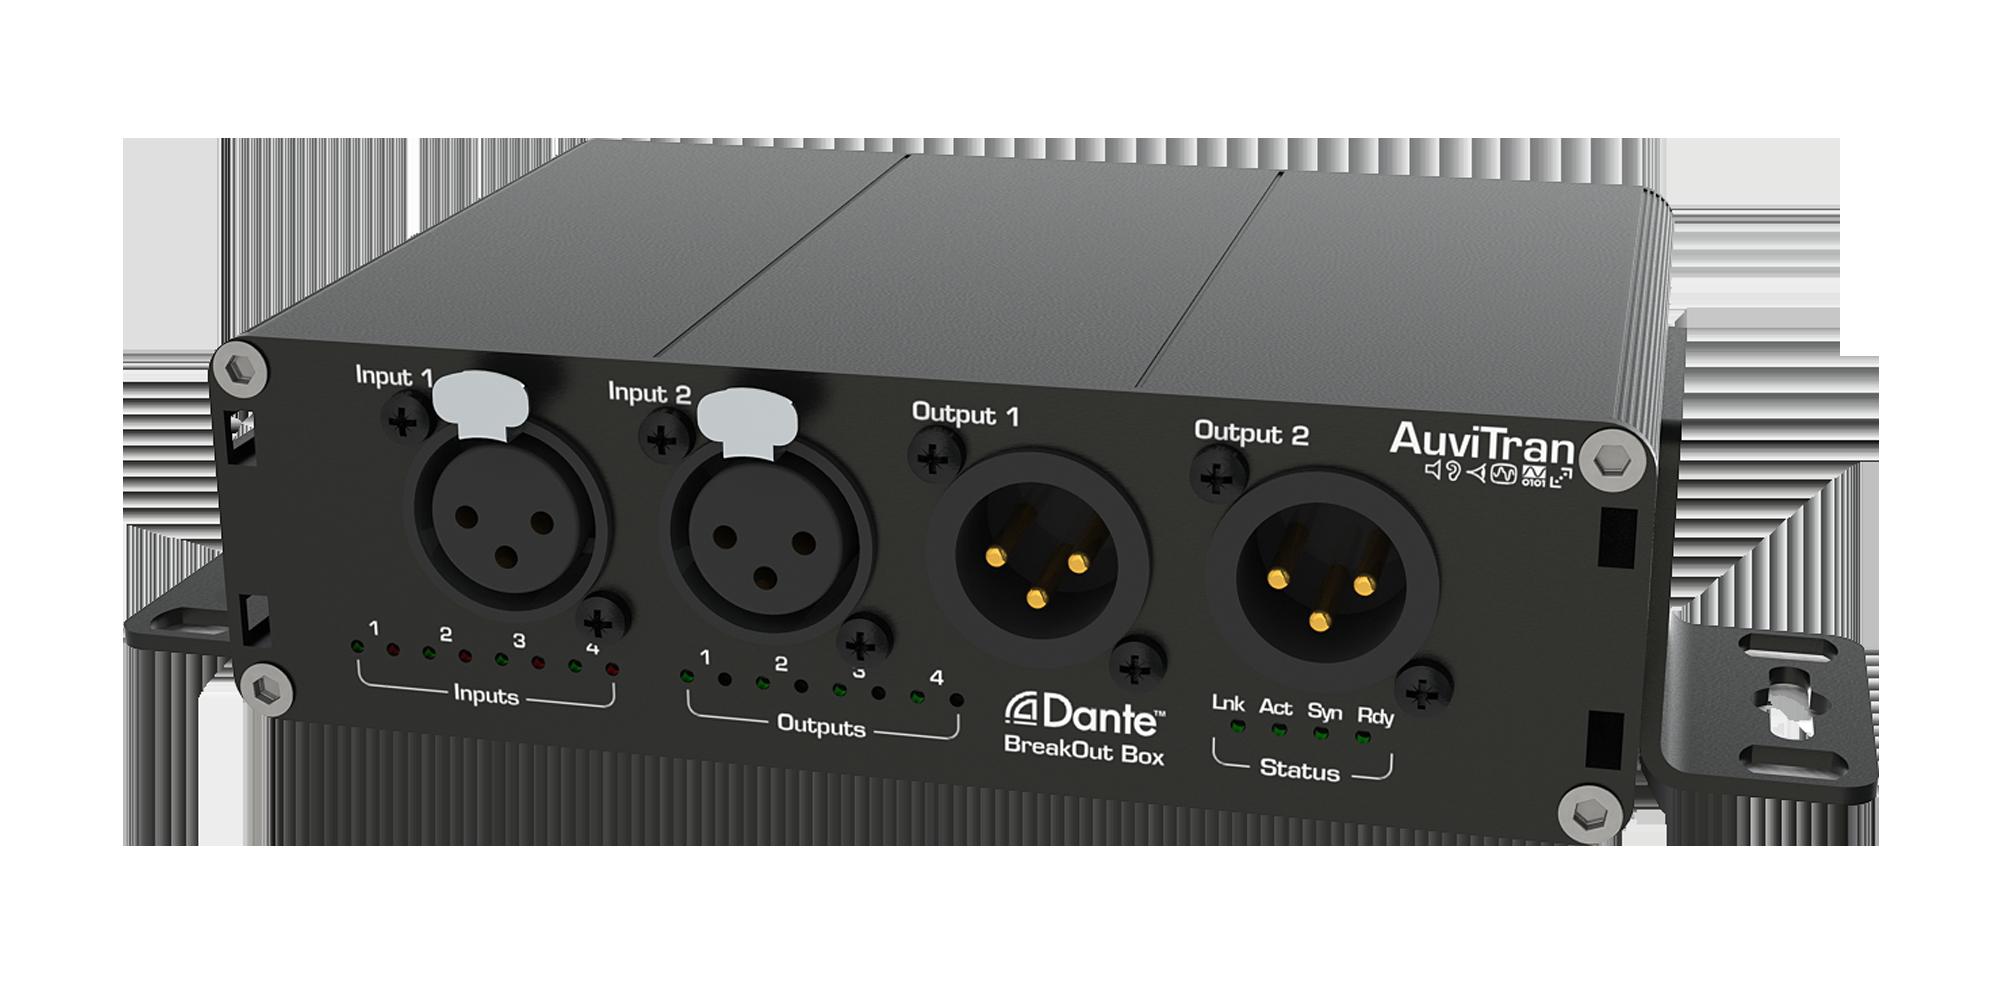 AuviTran AVDT-BOB Dante BreakOutBox Model ADX8iO